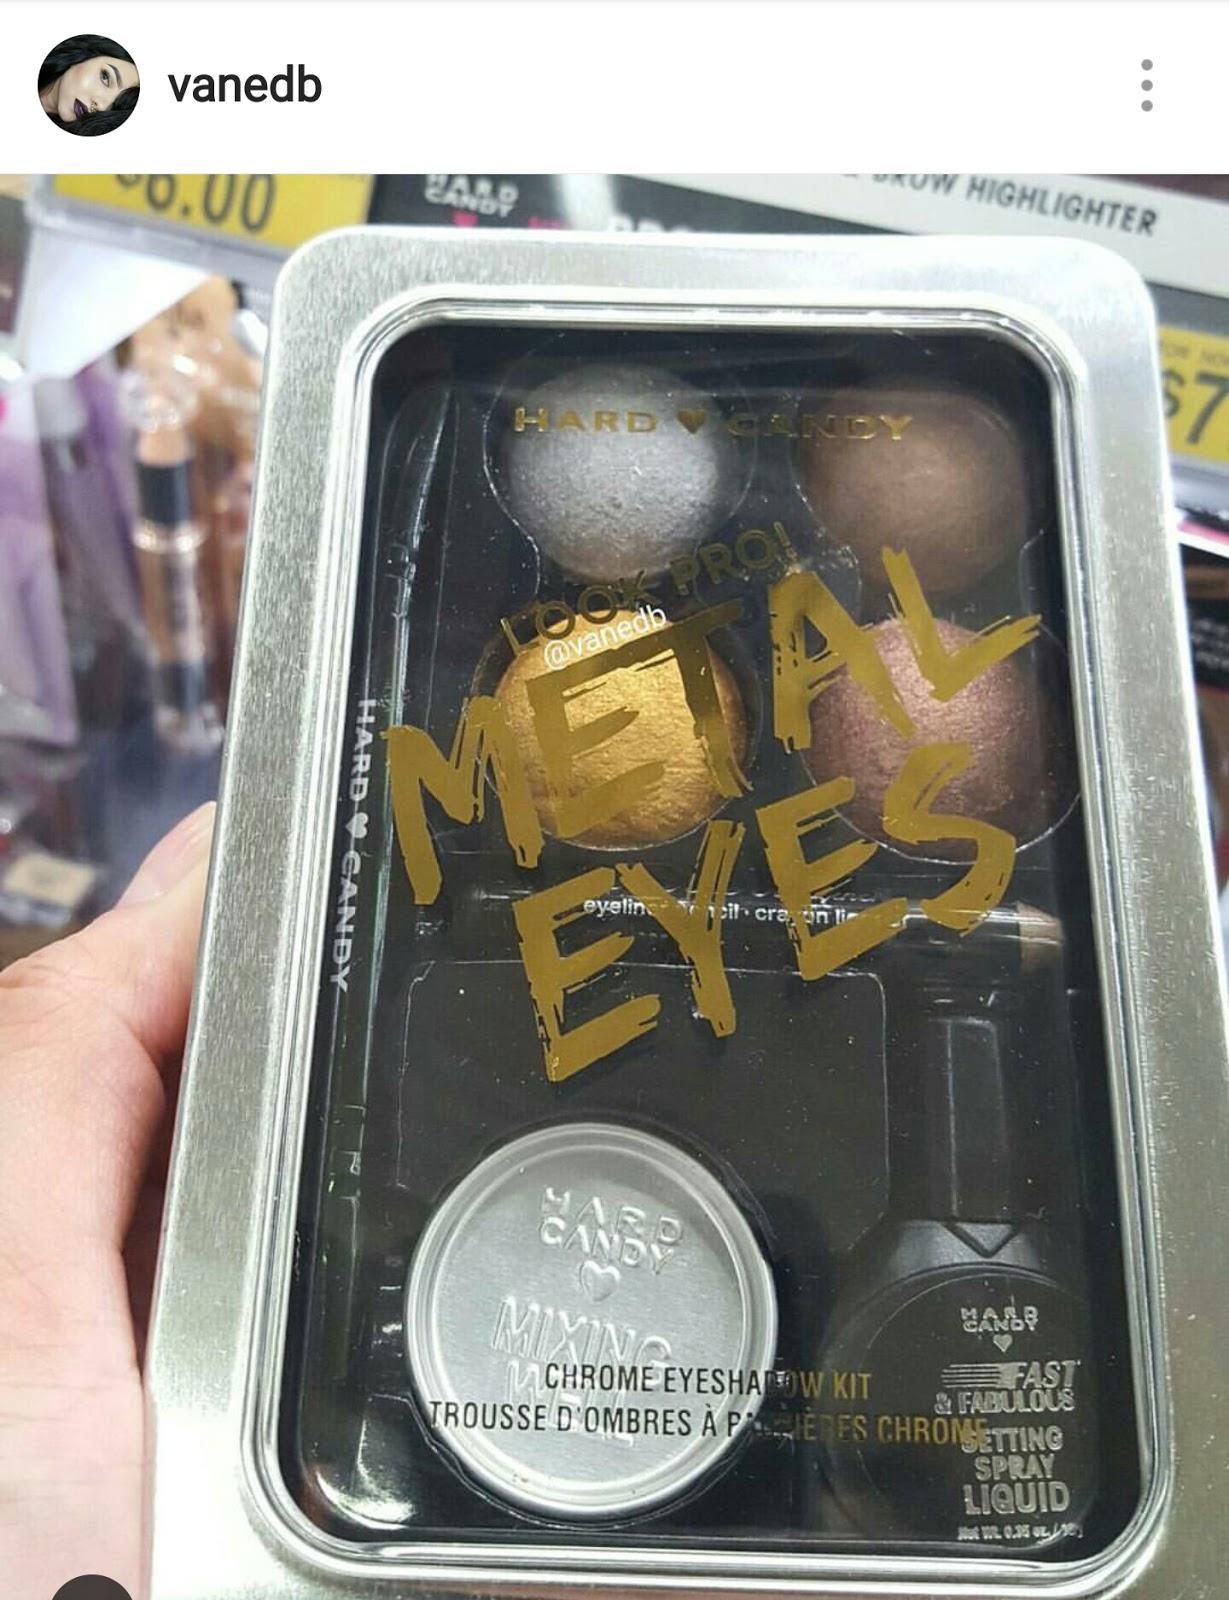 hard candy metal eyes chrome eyeshadow kit